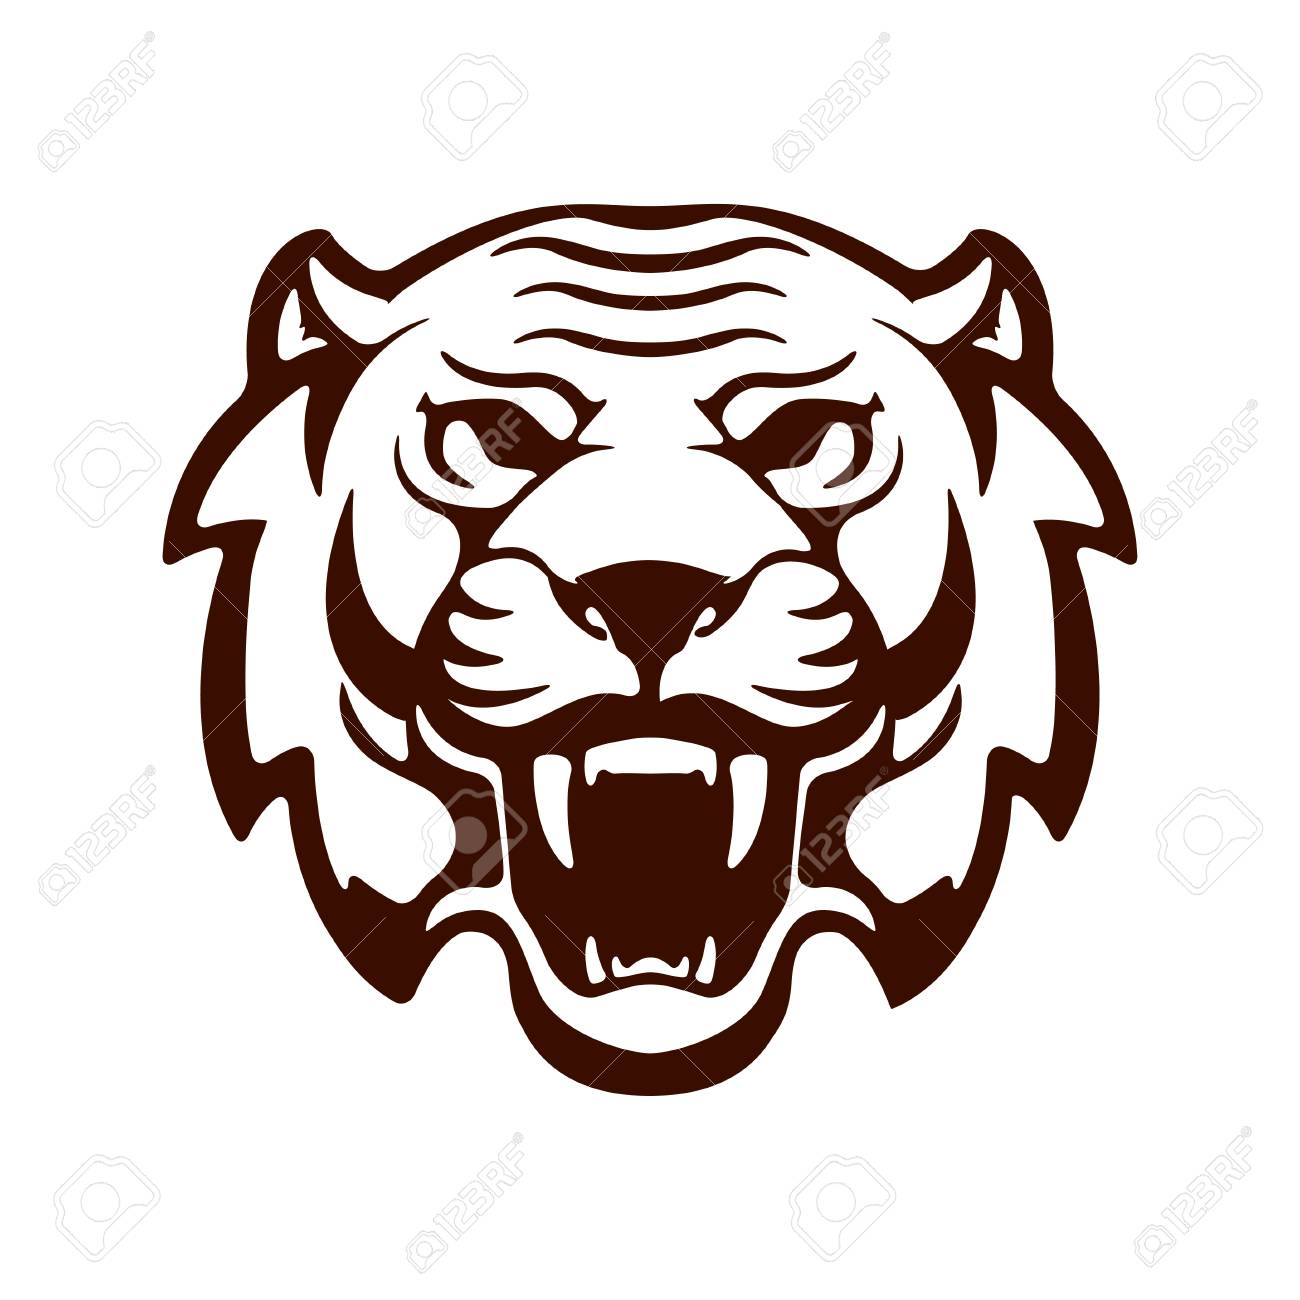 tiger head design element for logo label emblem sign vector rh 123rf com tiger head logo png tiger head logo design